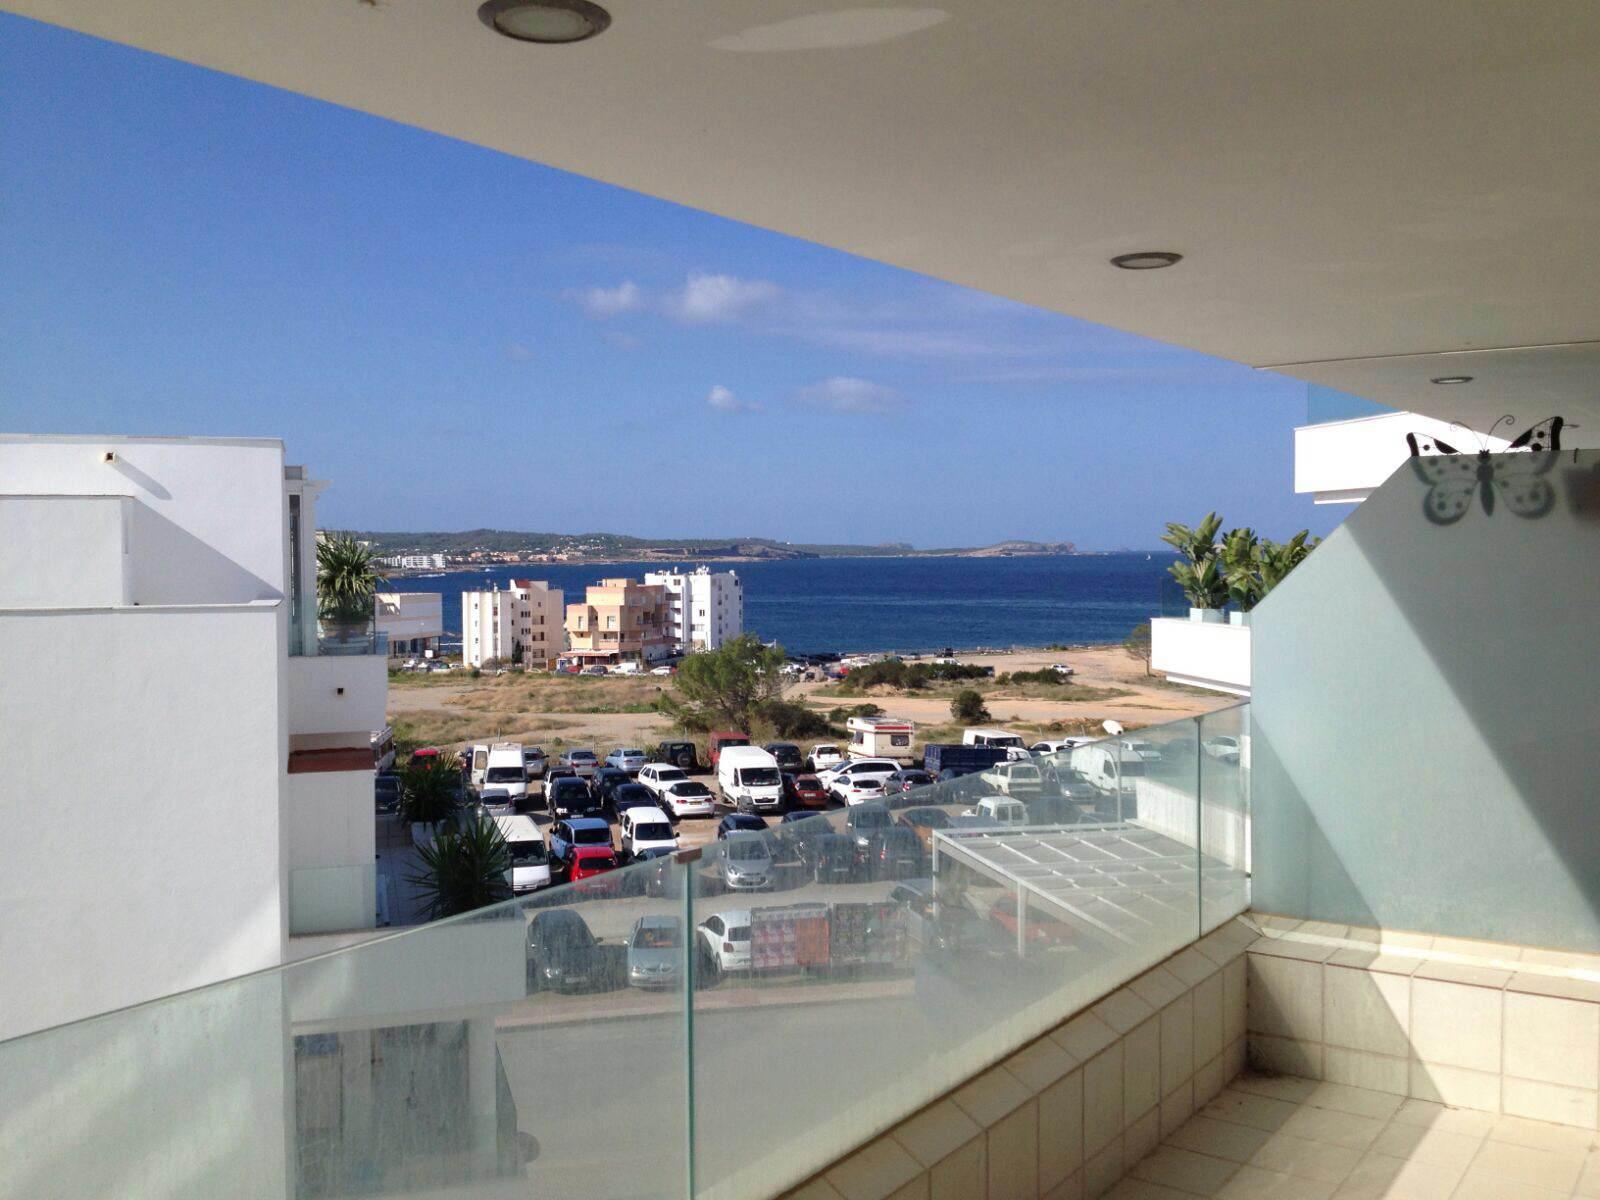 Alquiler larga duracion de piso en ibiza - Alquiler de pisos en ibiza ...